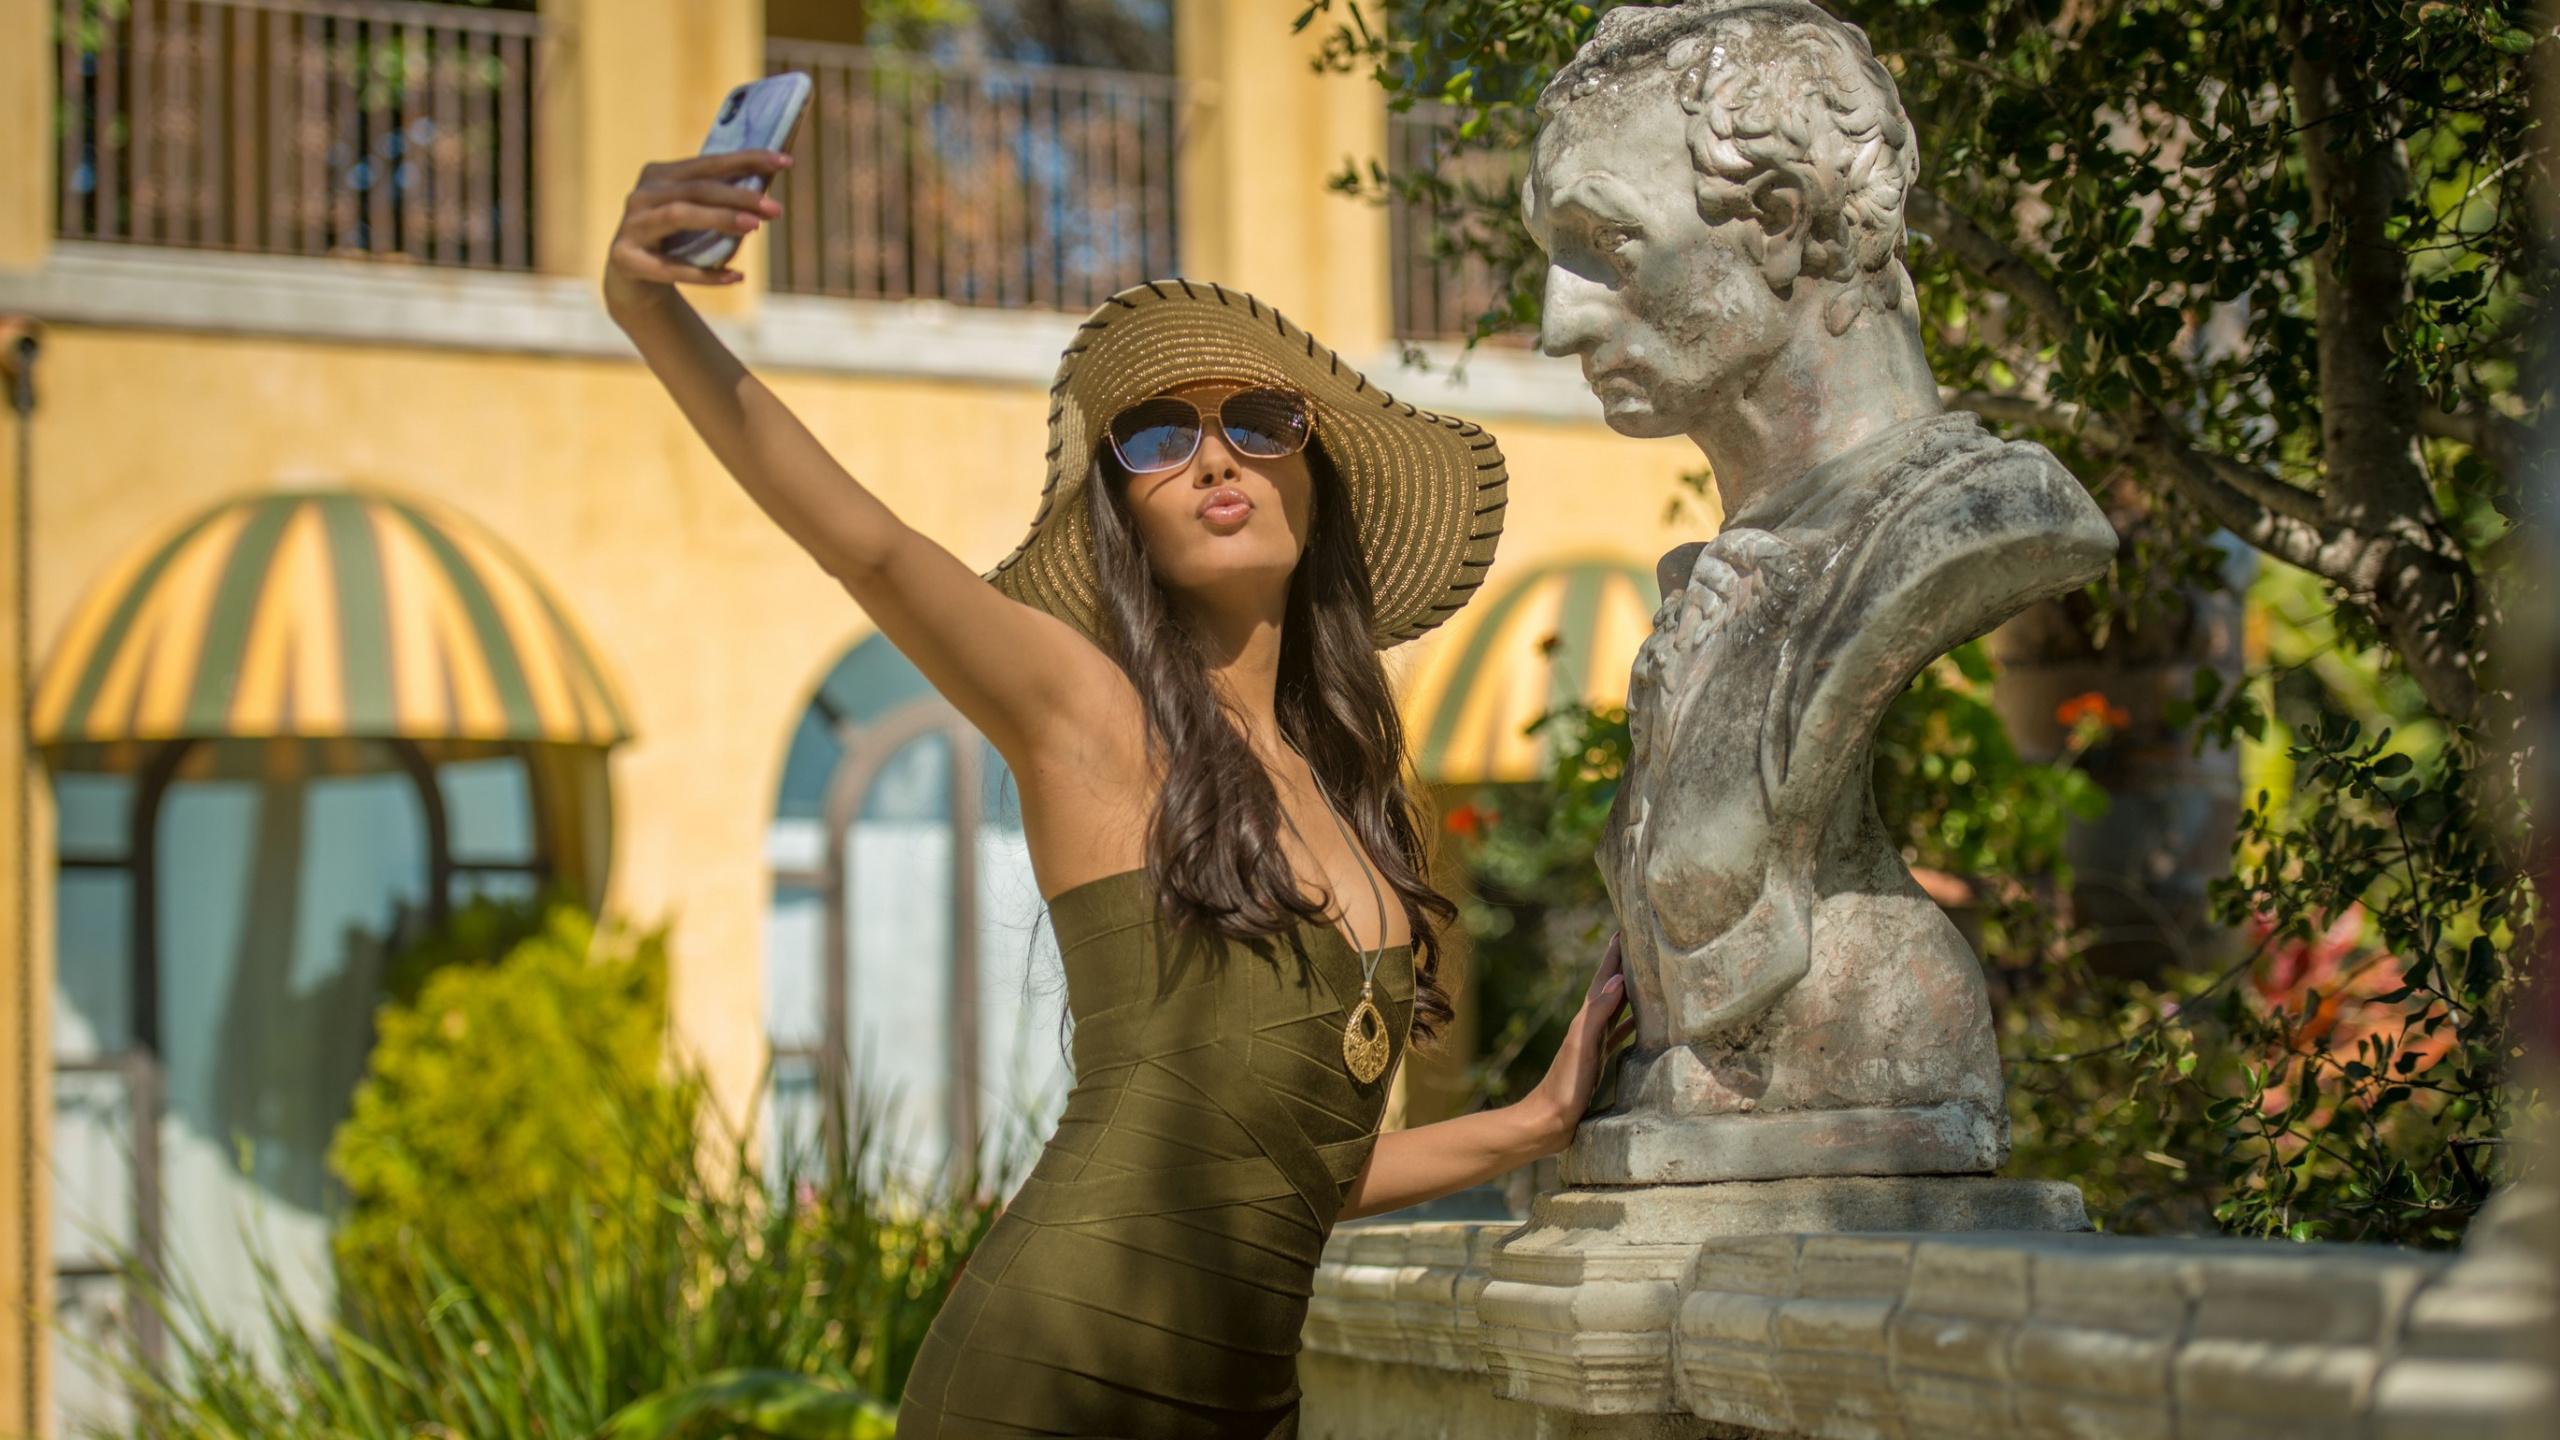 gianna dior selfie wallpaper 72022